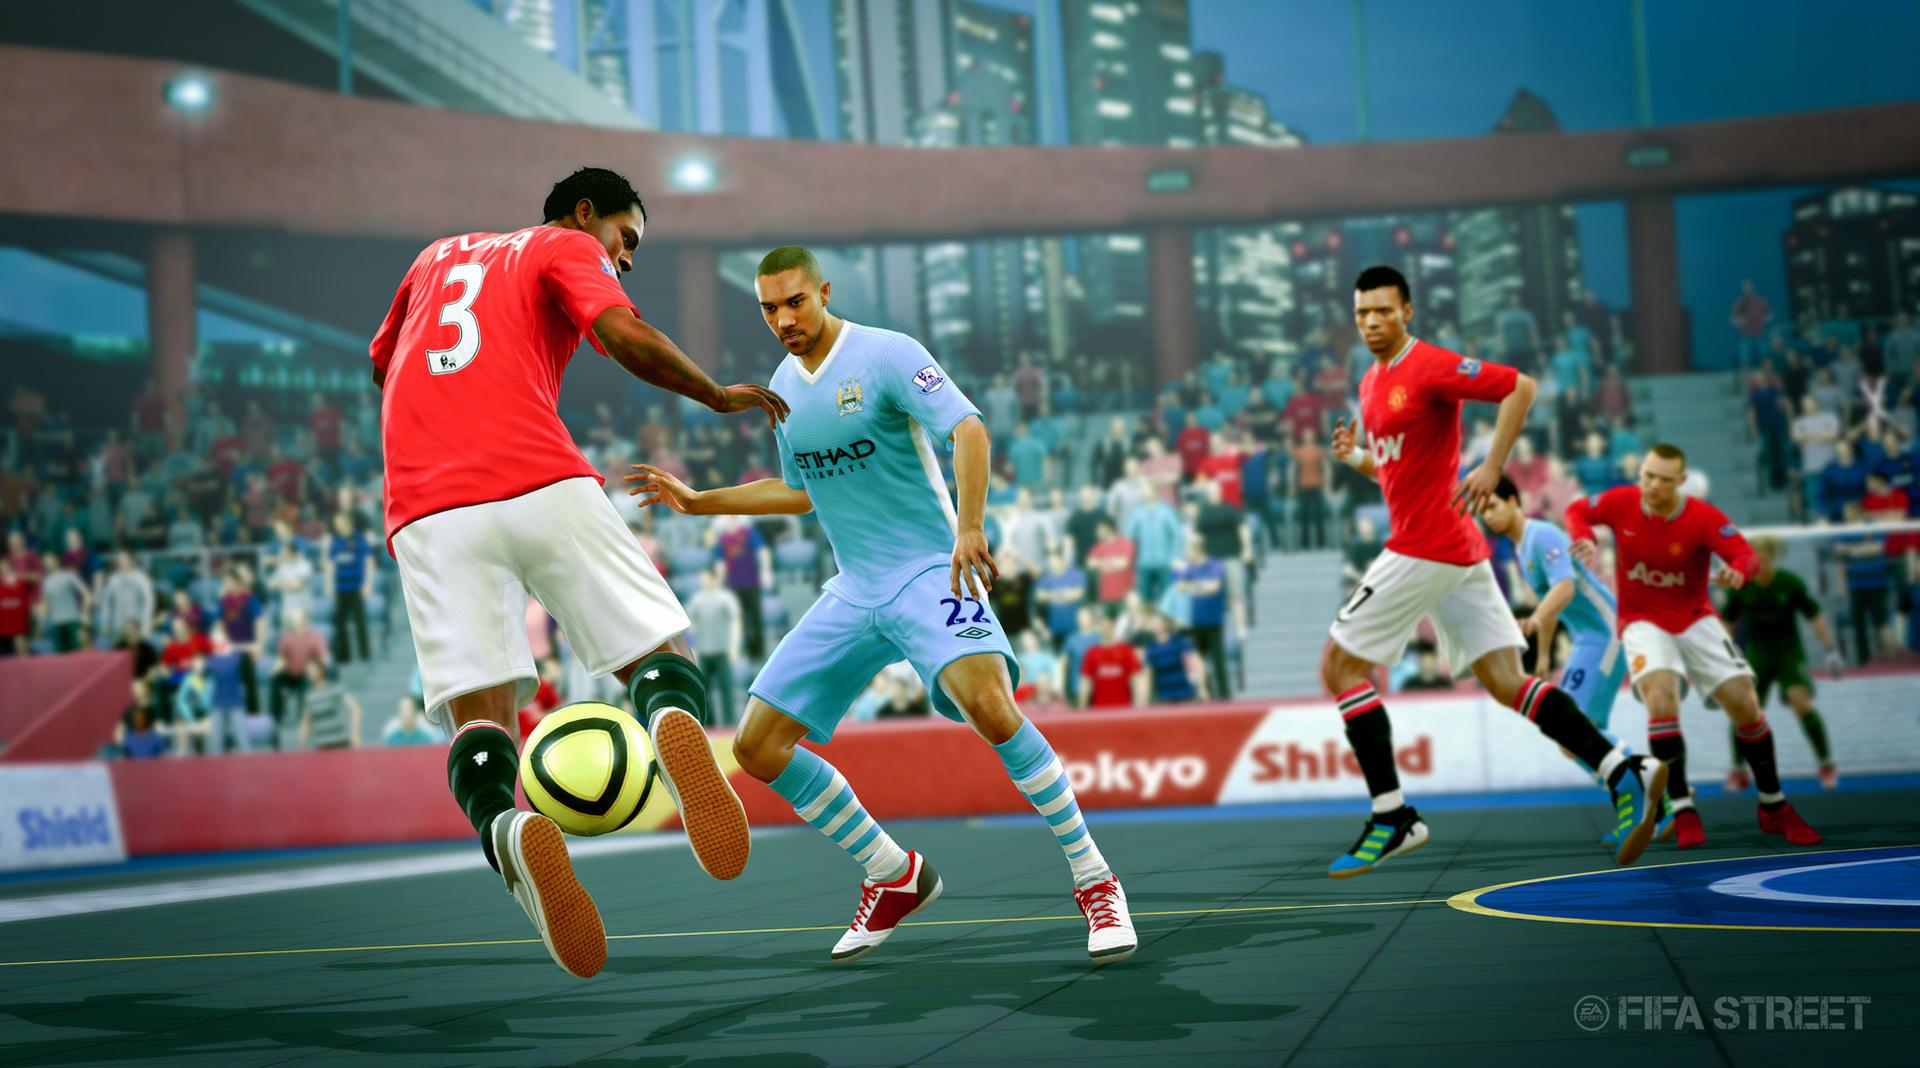 FIFA STREET (2012) (Xbox 360 e PS3) | Capa: Lionel Messi | Narração e comentários: nenhum